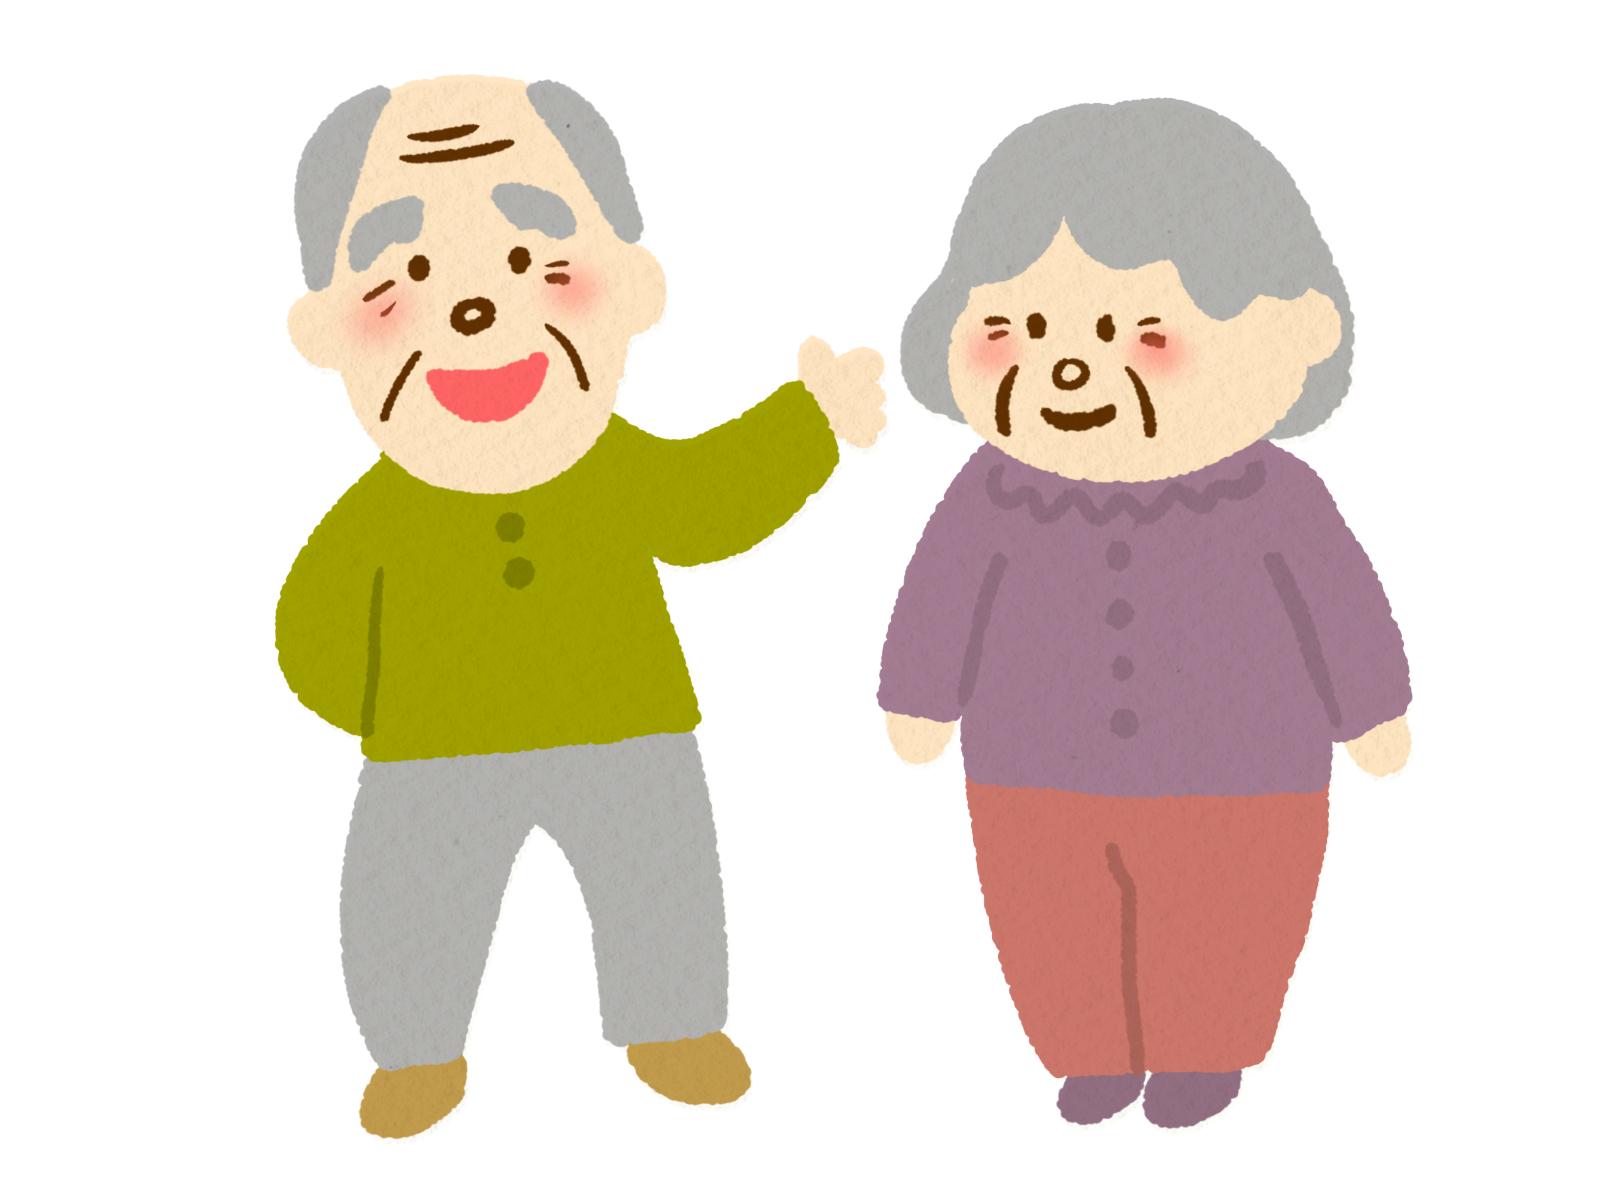 夫婦でアルツハイマー型認知症の困難なケースを紹介